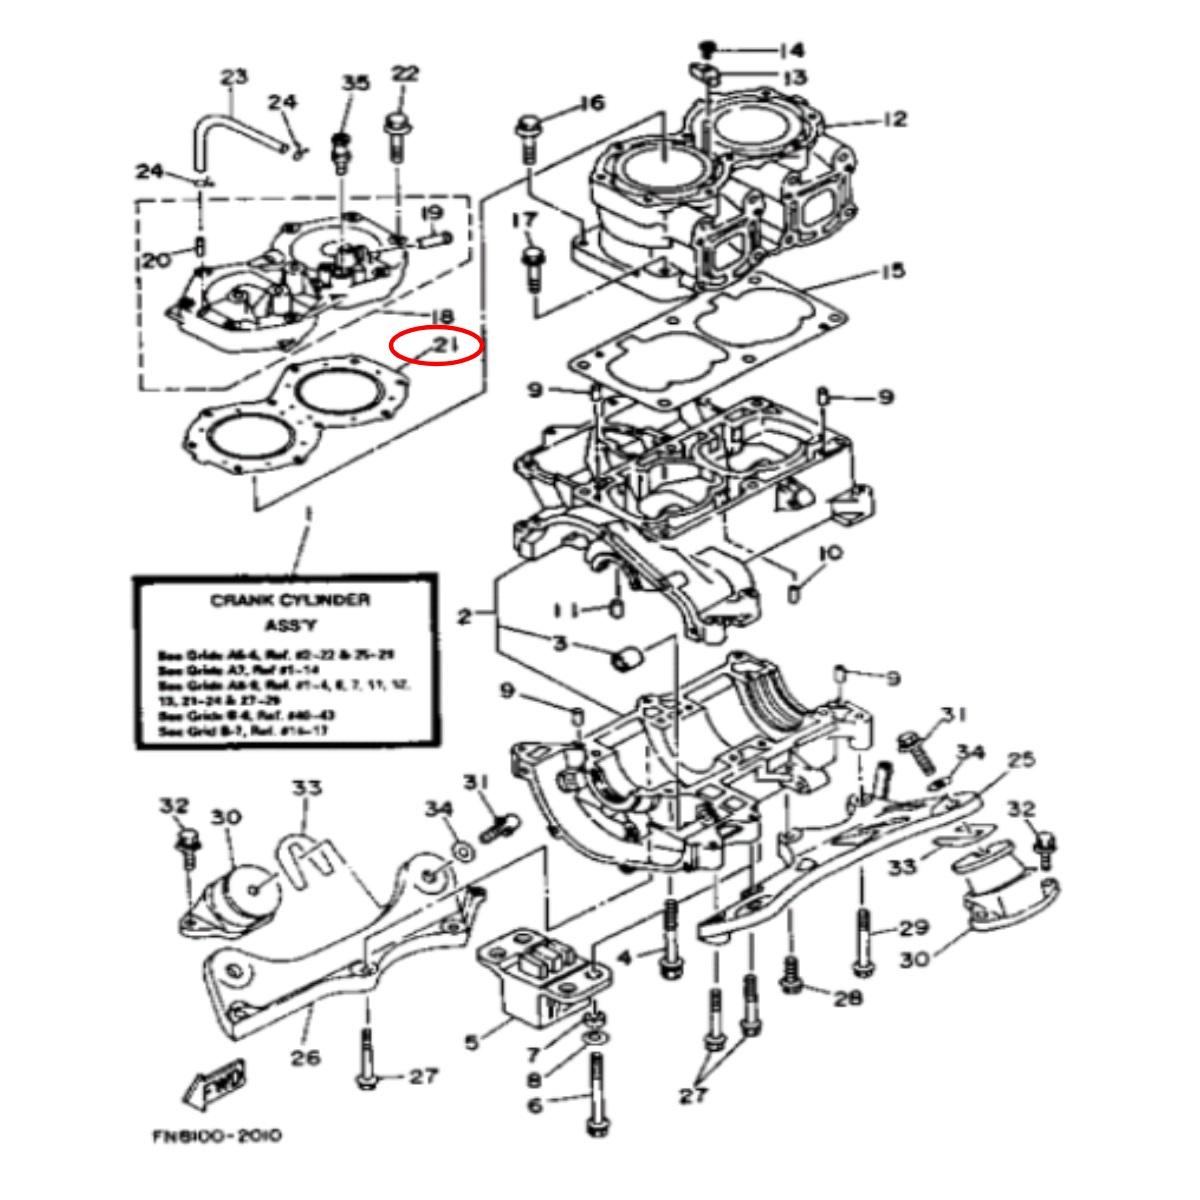 Junta Cabeçote Yamaha 700 Amianto Nacional   - Radical Peças - Peças para Jet Ski